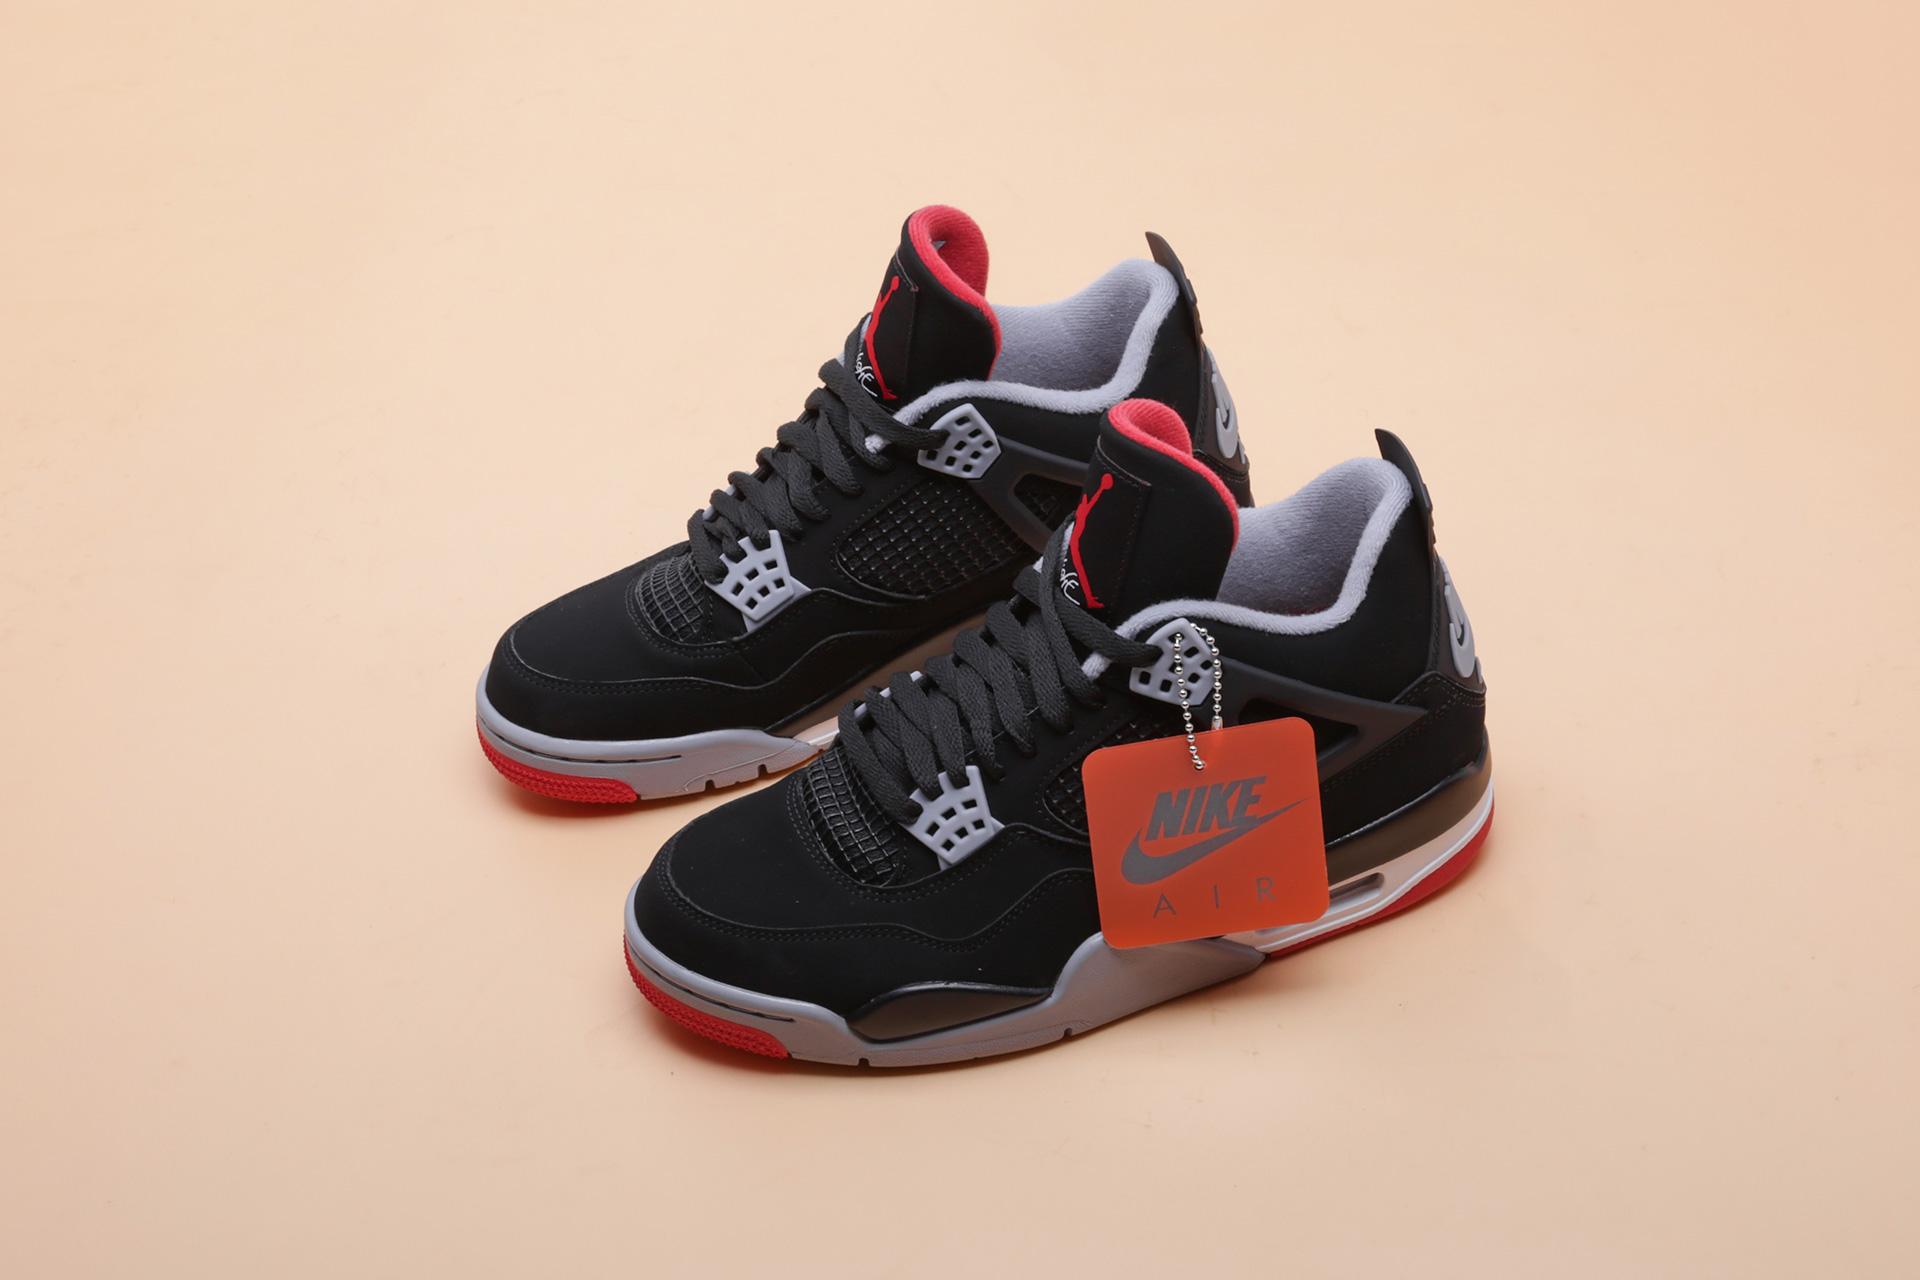 9903fb17 ... Купить мужские черные кроссовки Jordan 4 Retro - фото 4 картинки ...